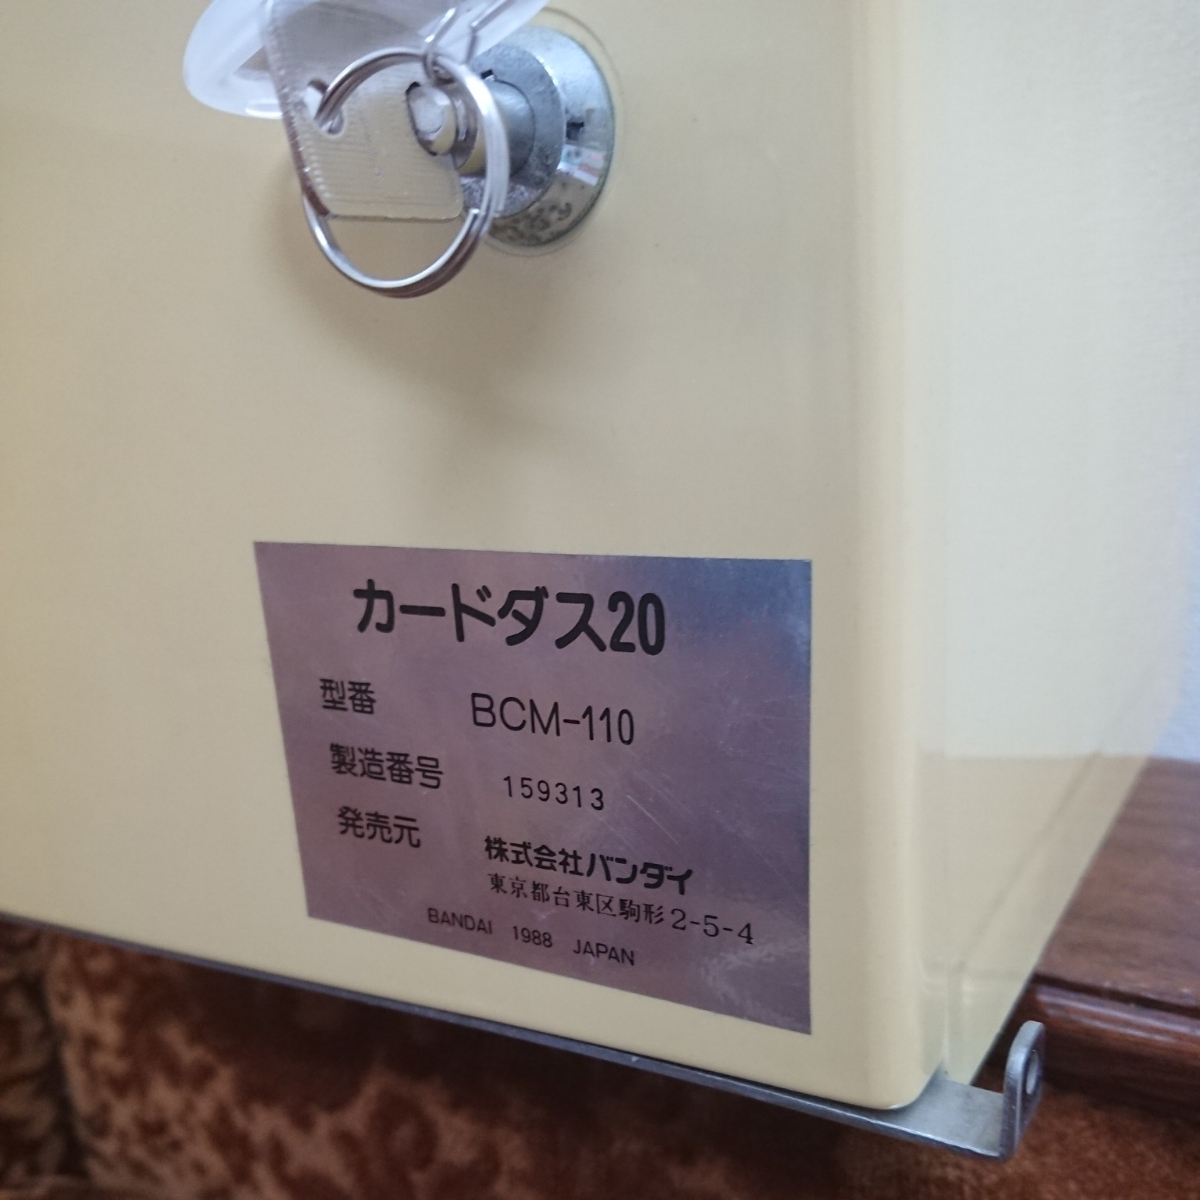 ■1円~ バンダイ カードダス20 1988年製 本体 可動品 台紙は クレヨンしんちゃん part3 発送はゆうパック120_画像10